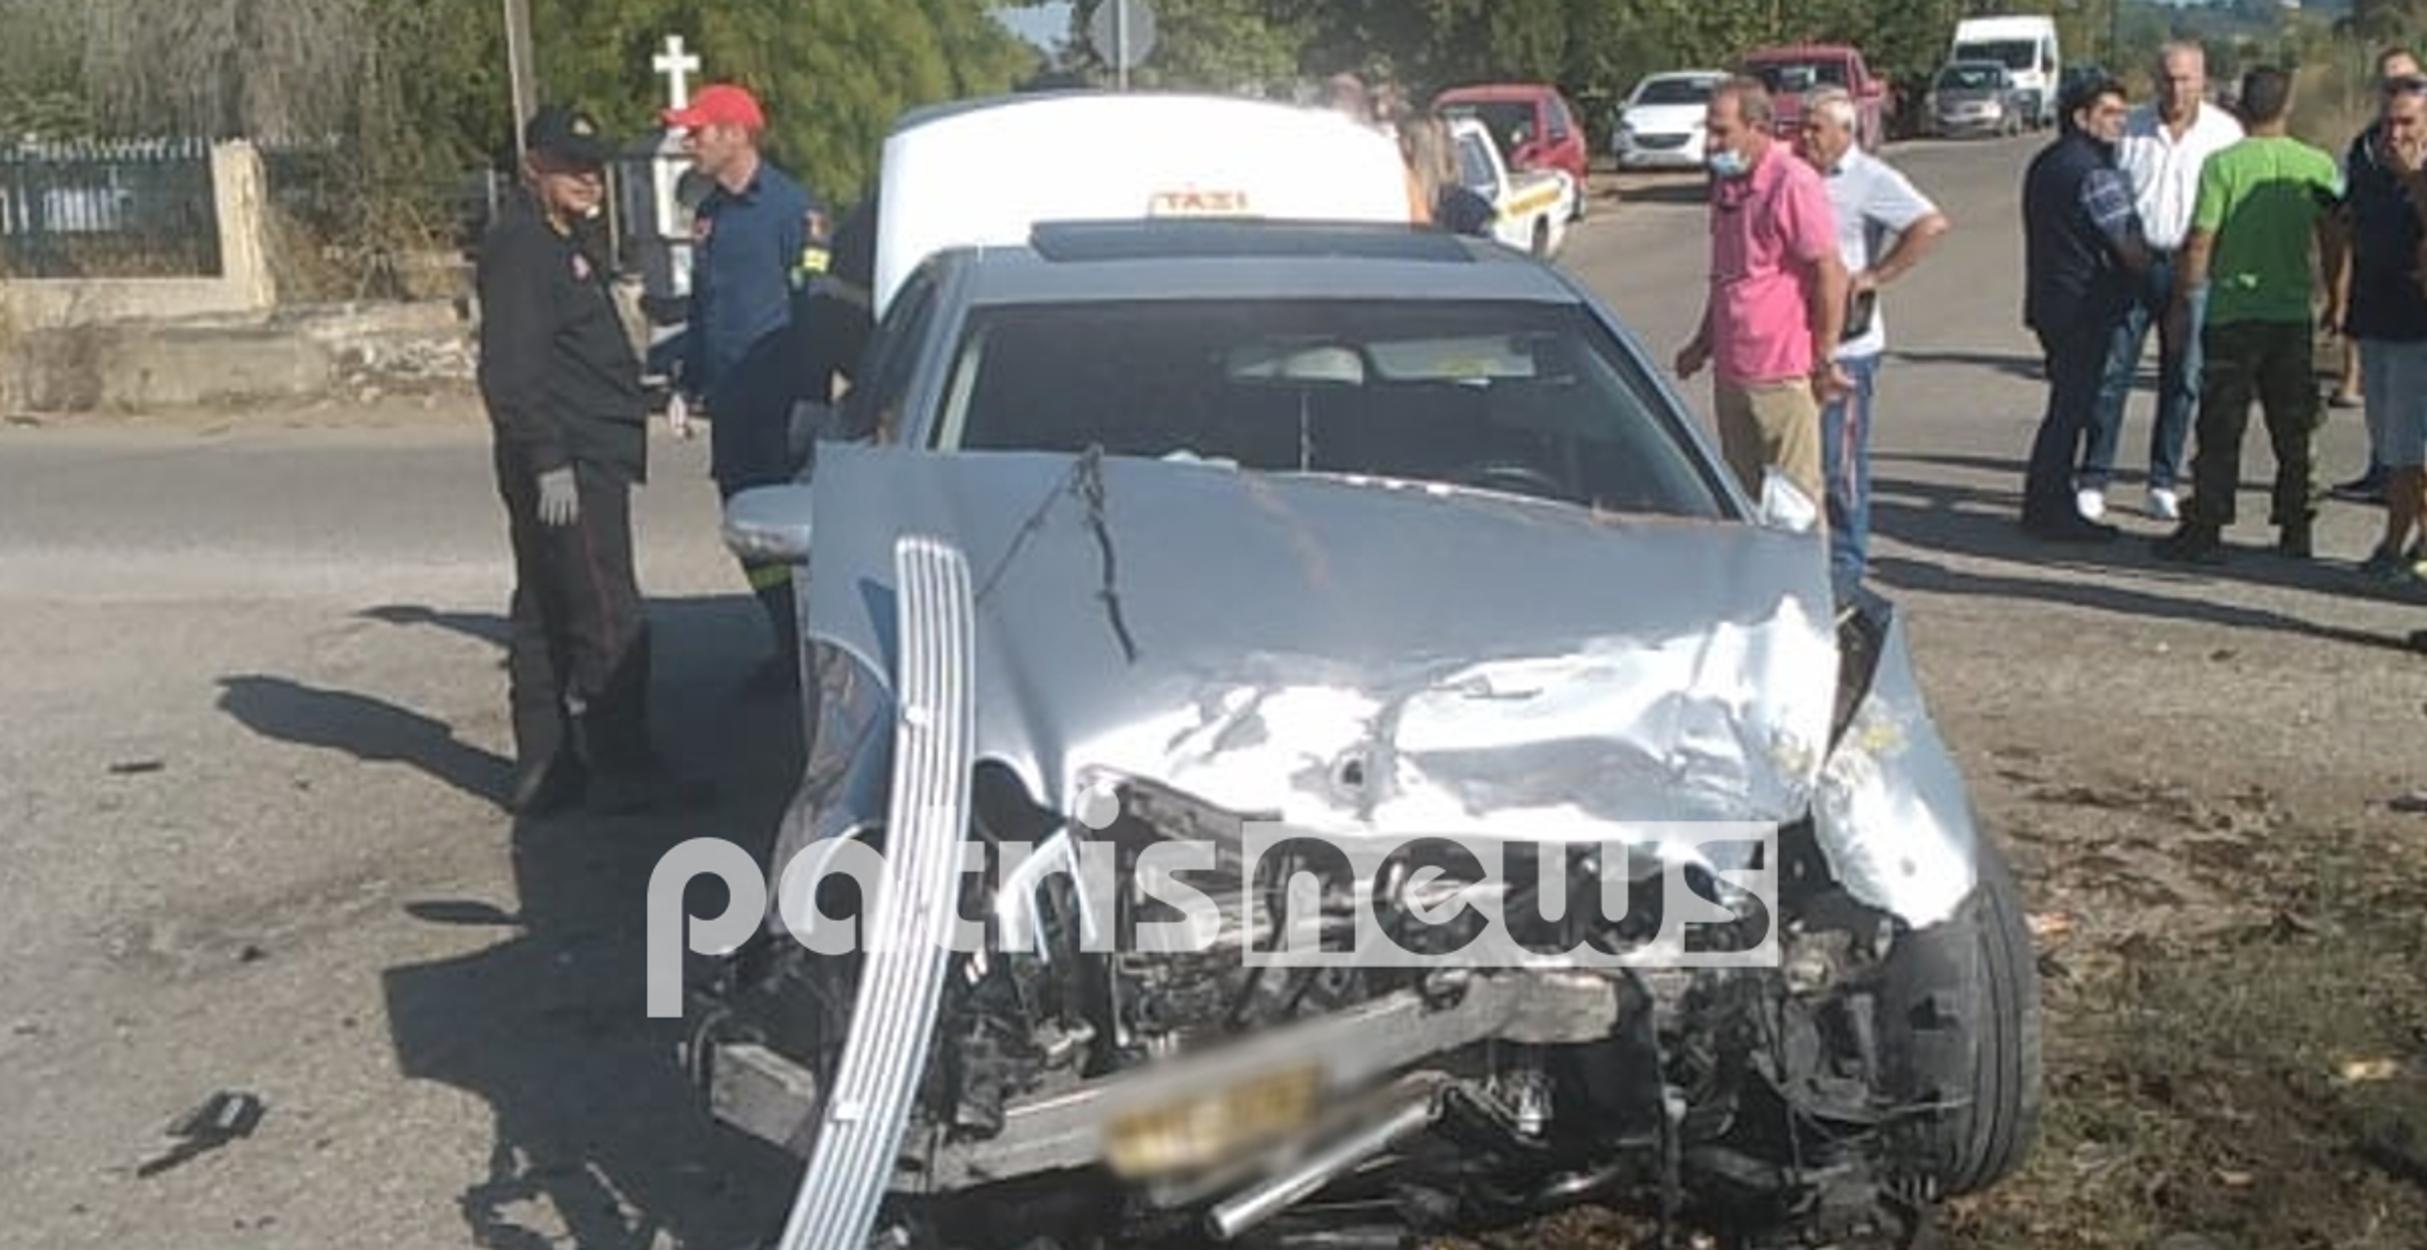 Πύργος: Τροχαίο δυστύχημα στο Κατσικάρι! 1 νεκρός και 4 τραυματίες